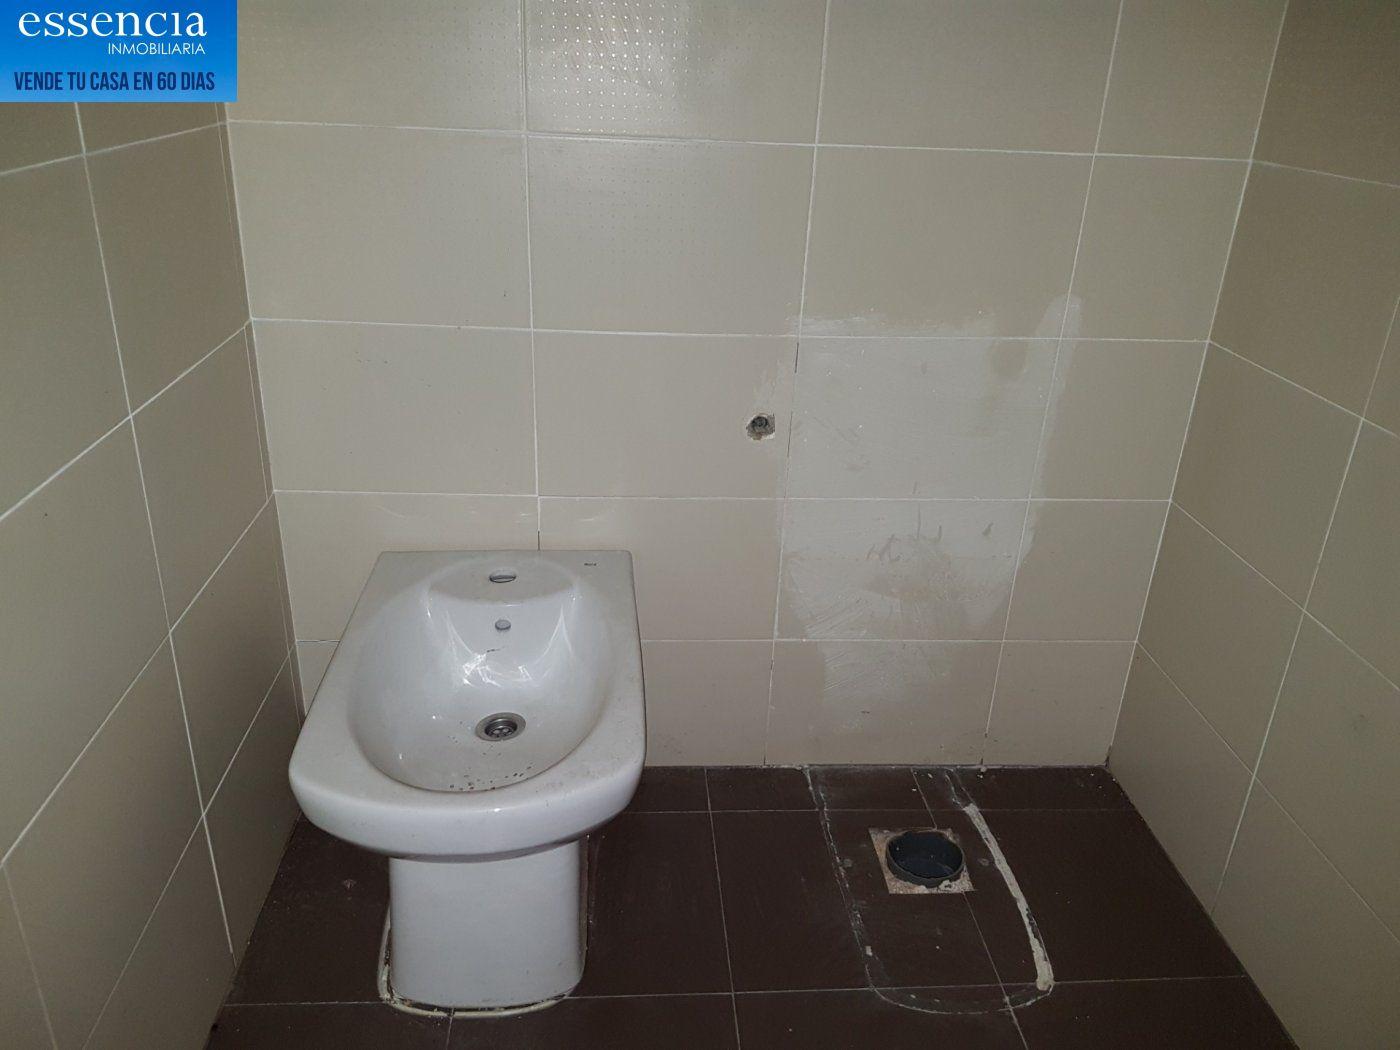 Piso en entresuelo de 2 dormitorios y 1 baño con patio - imagenInmueble24